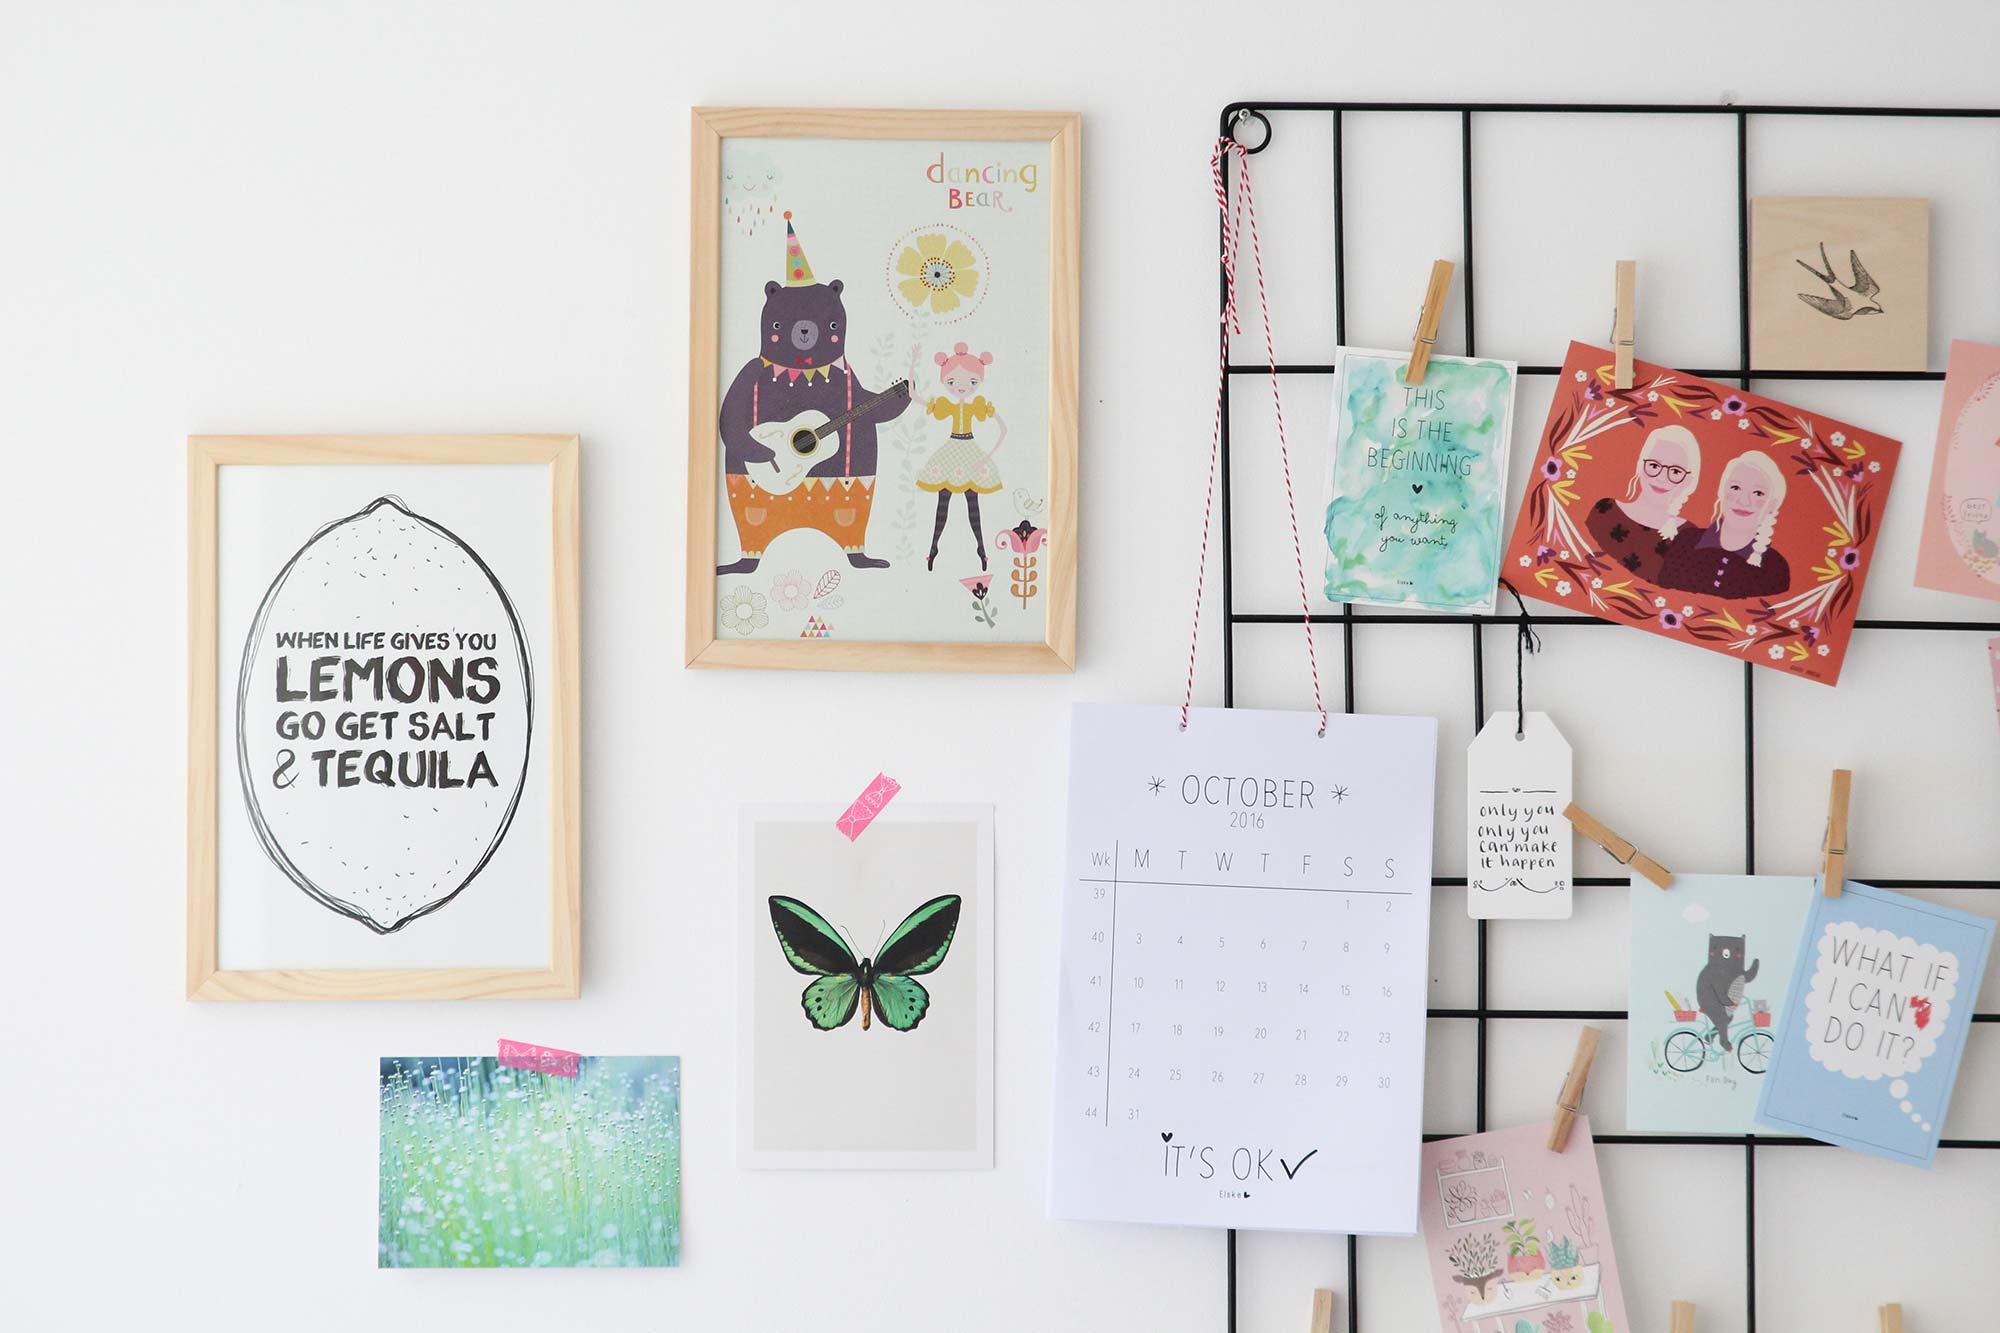 Elske werkkamer posters